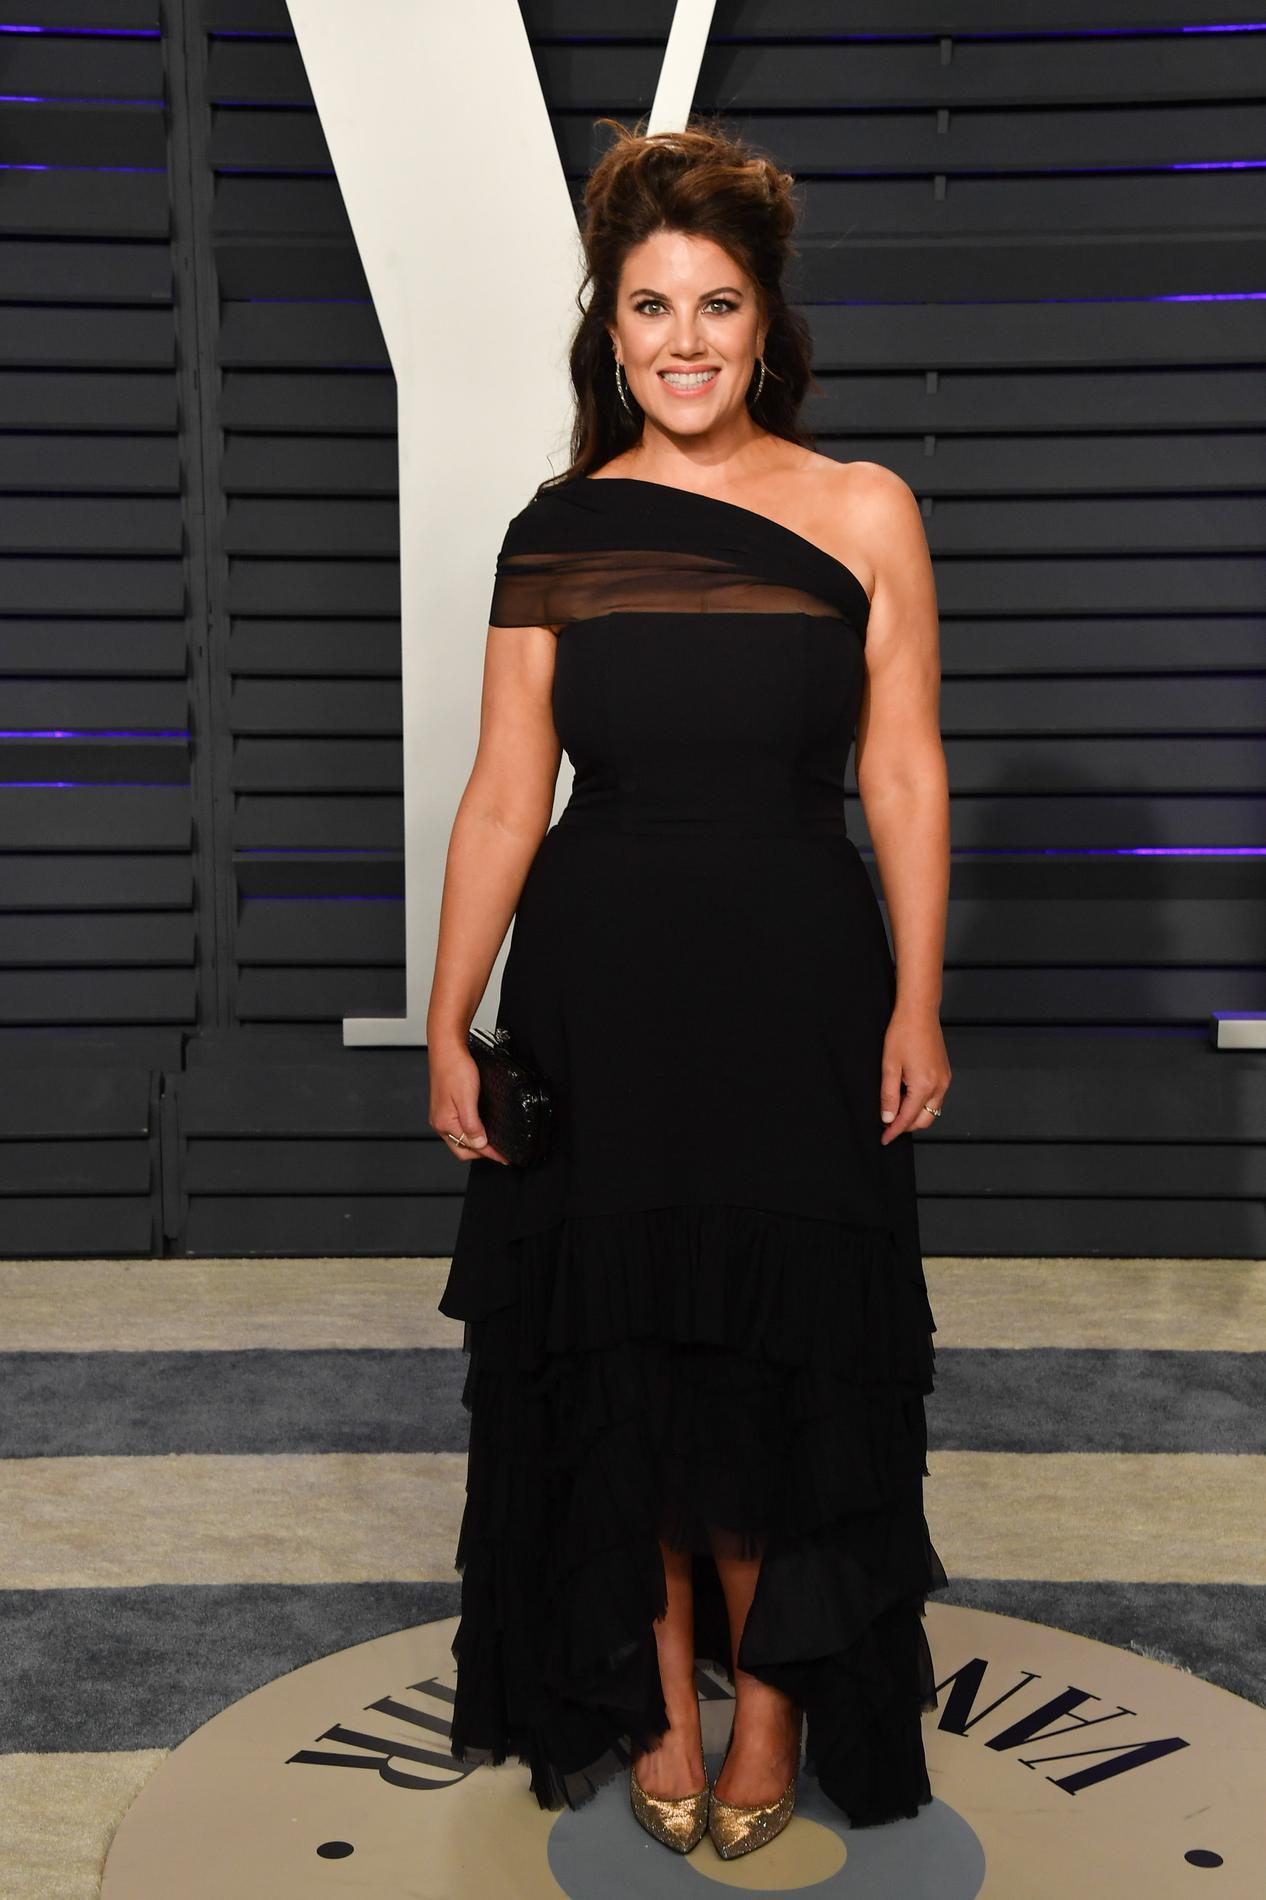 f91c9552ff ... Les plus belles tenues des stars à l'after party Vanity Fair des Oscars  - Leslie Mann Les plus belles tenues des stars à l'after party Vanity Fair  des ...